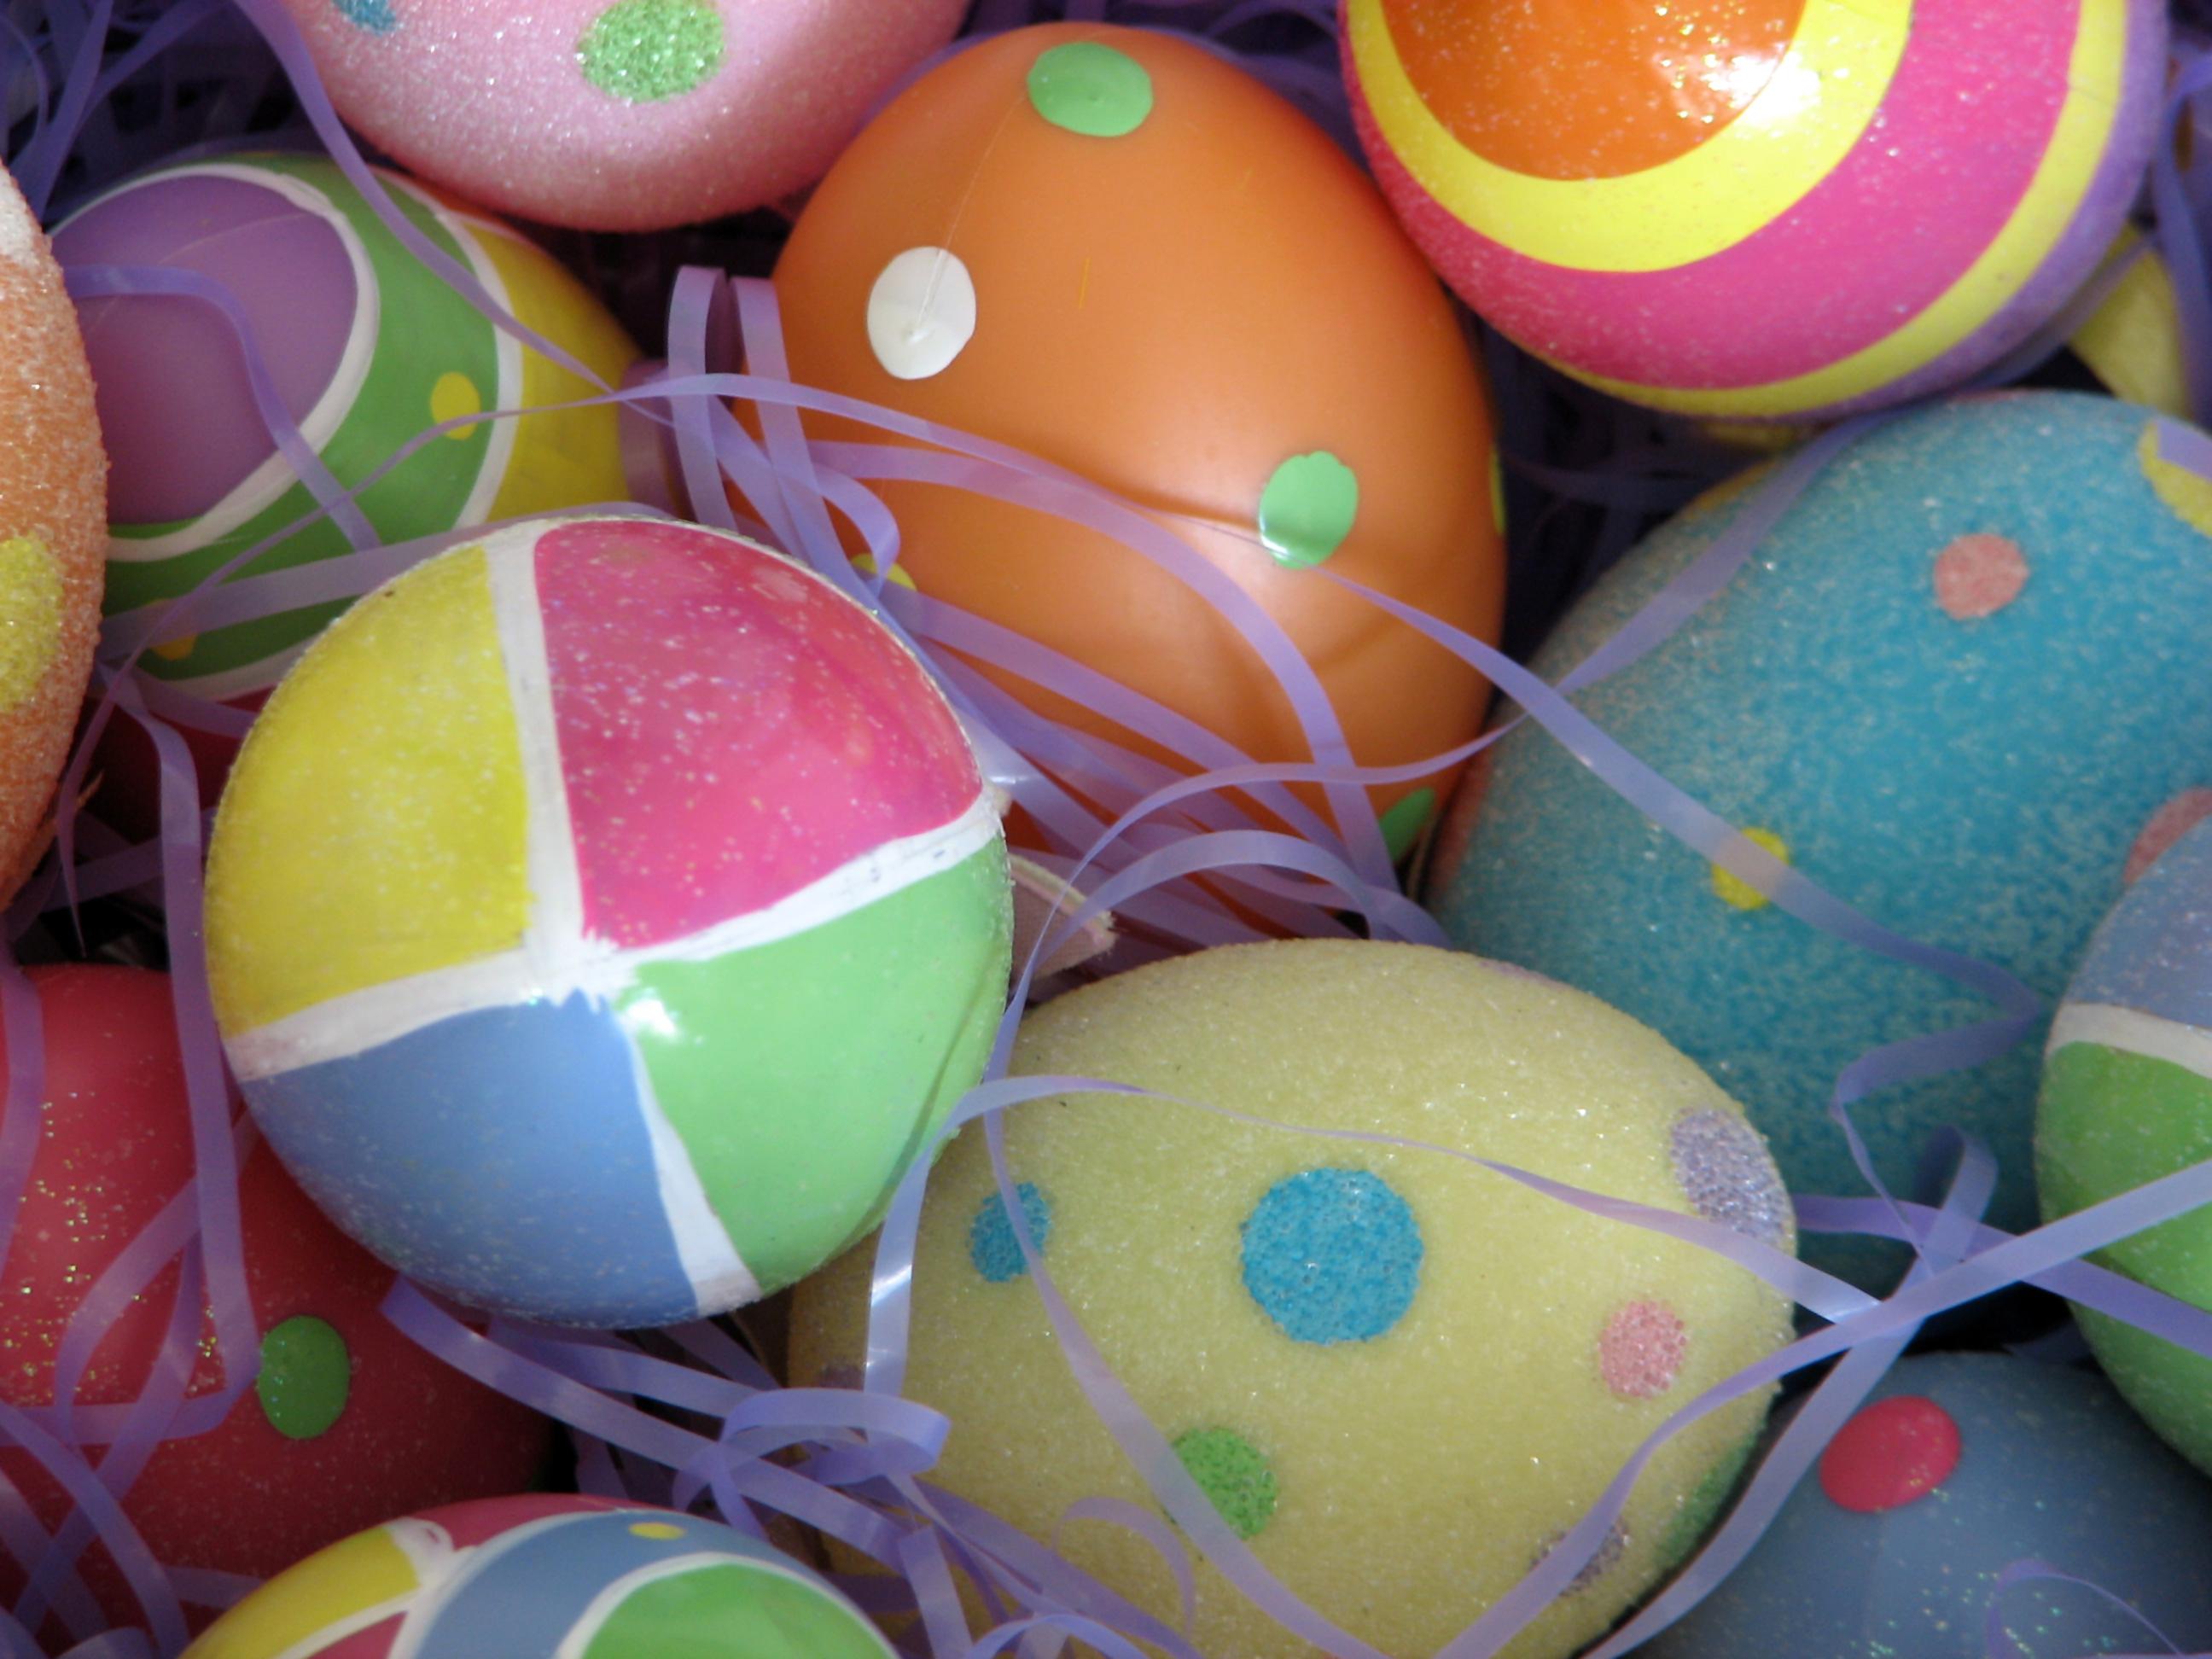 Oceanside Local Easter Egg Hunts 2015